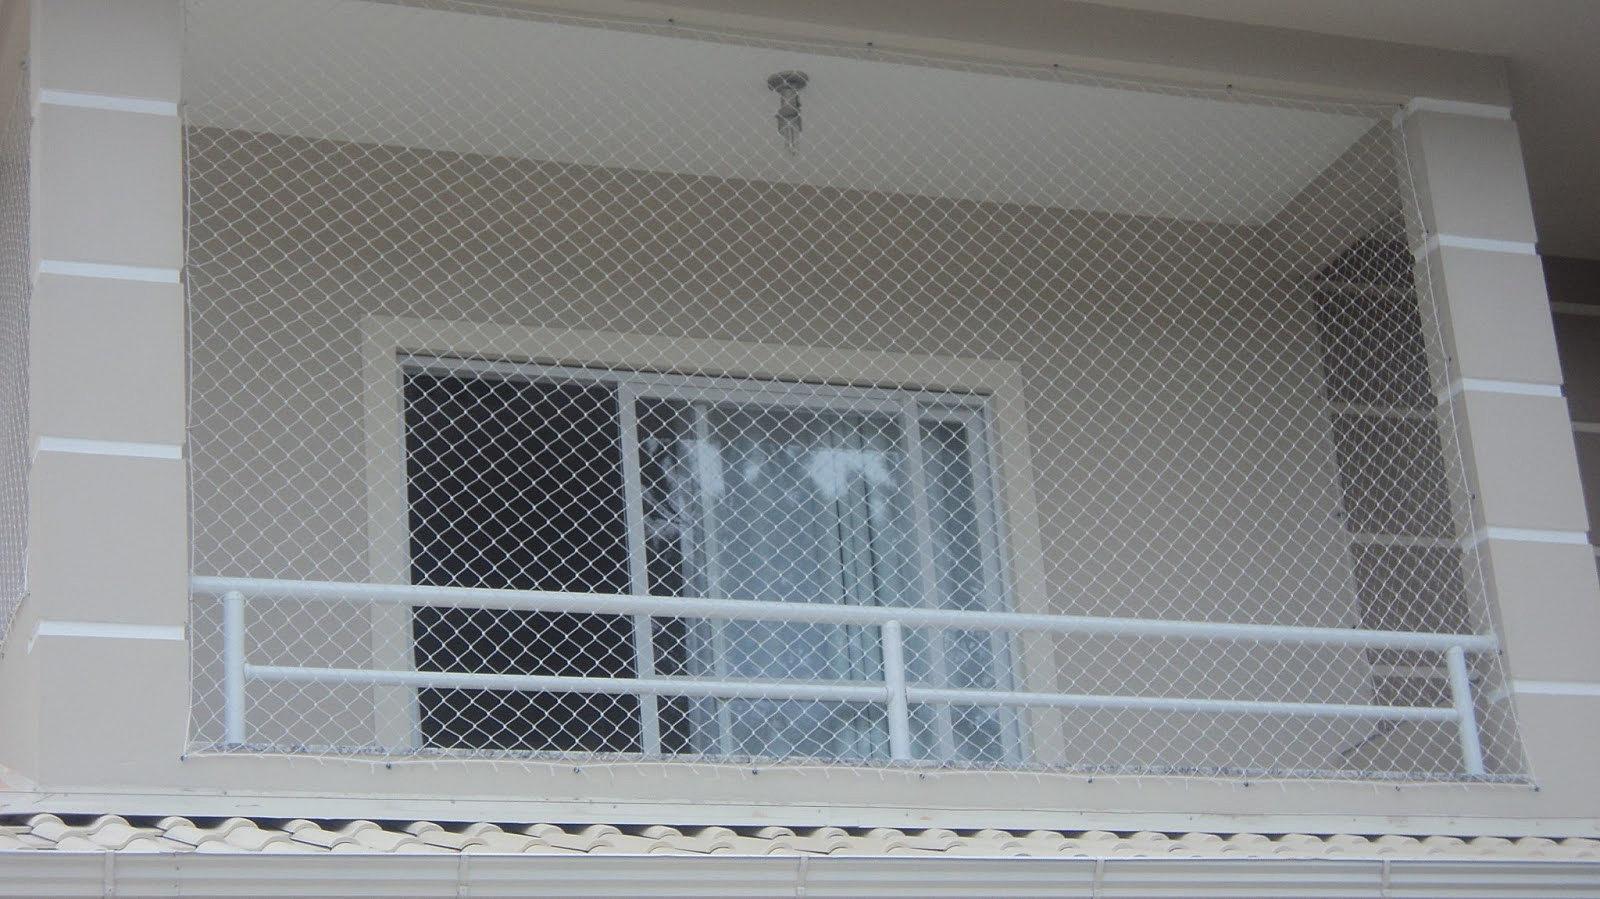 #5A6771 Redes de proteção sp Tela de Proteção para Janela 1464 Tela De Aluminio Para Janela Preço